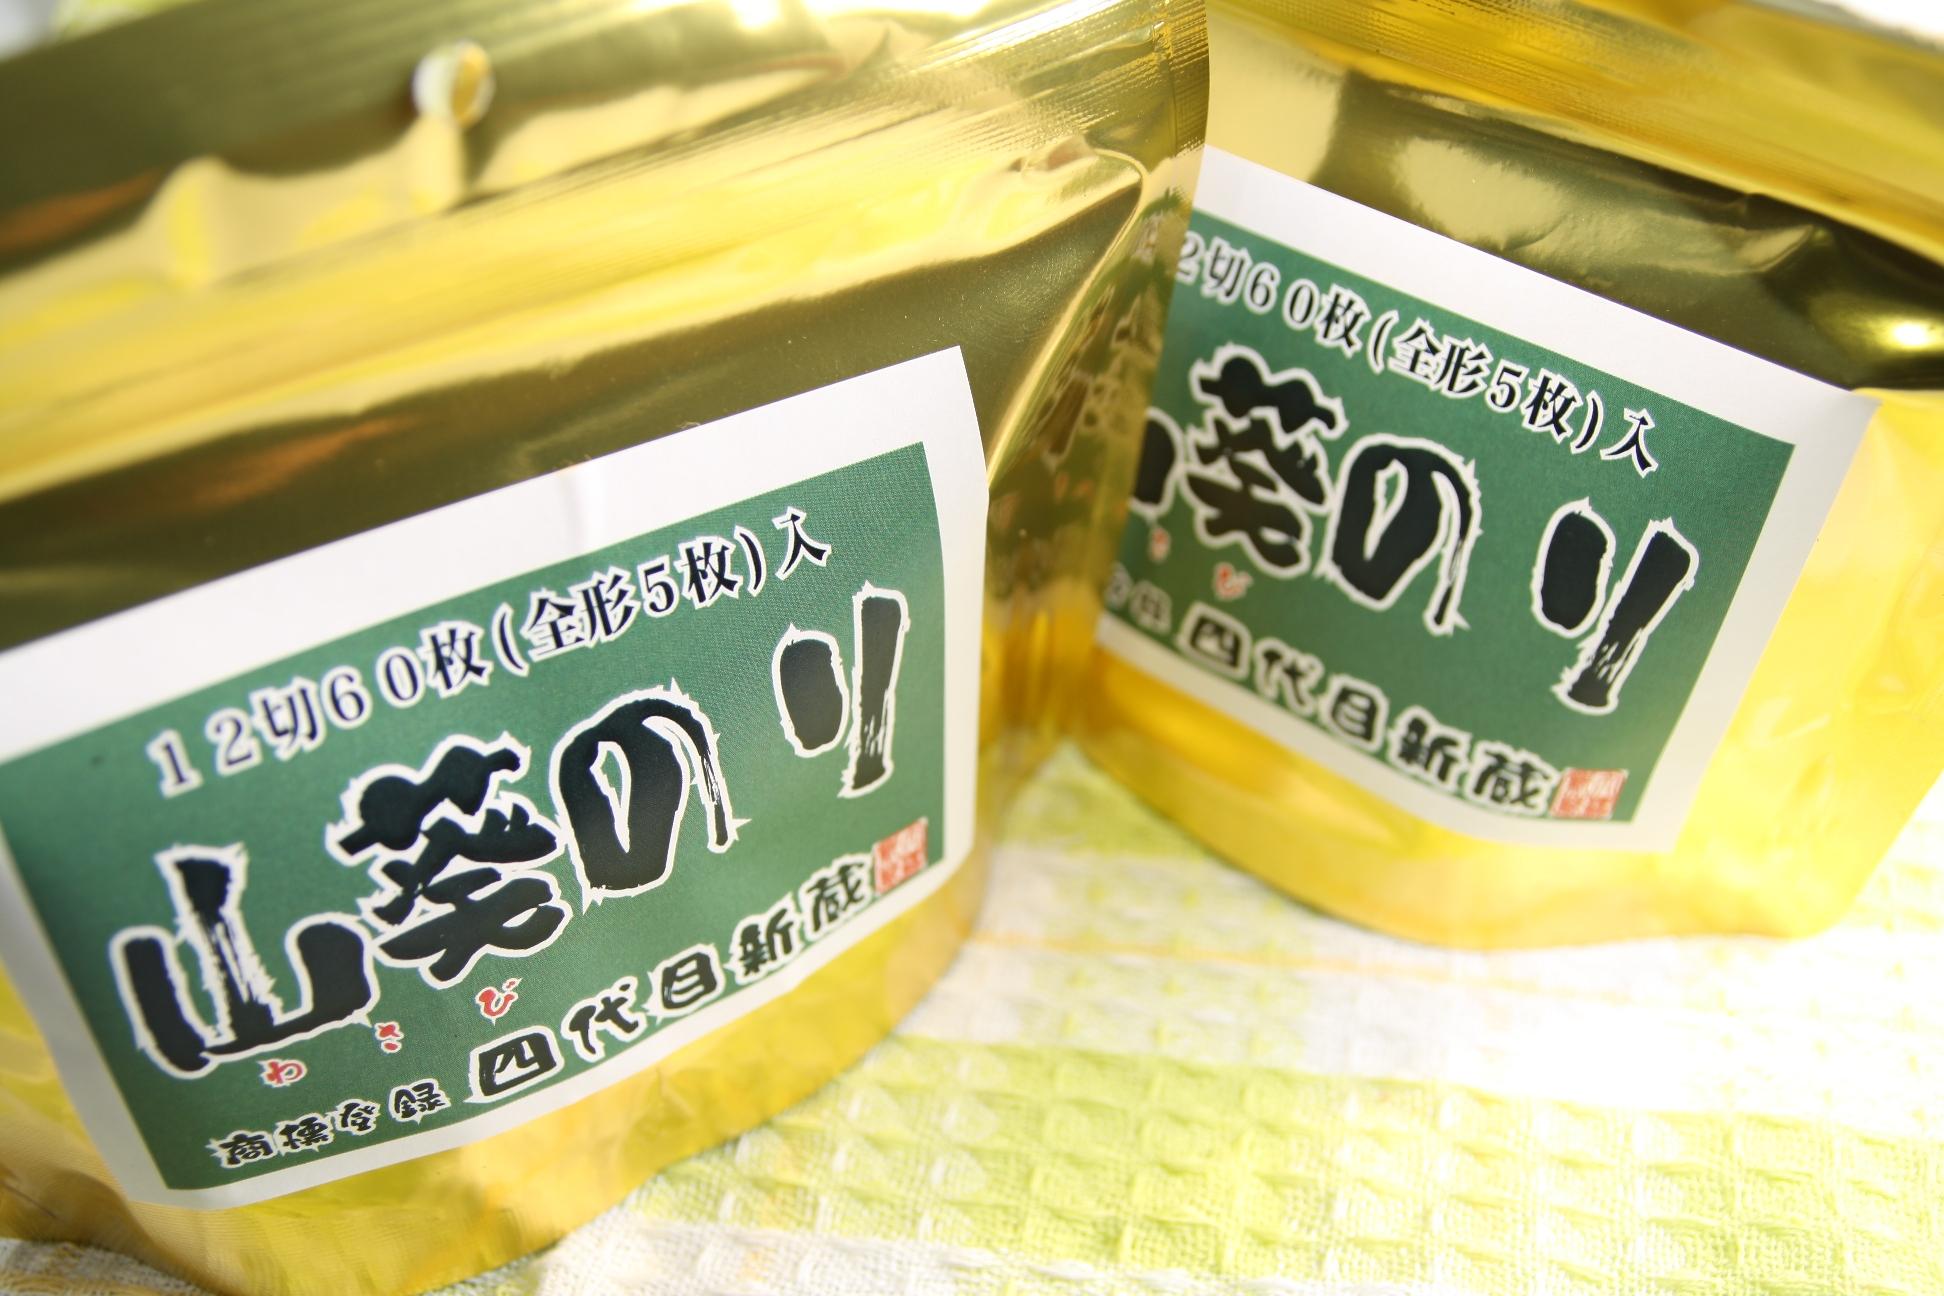 大橋新蔵、味付けのり、山葵(わさび)のり、のり通販、海苔